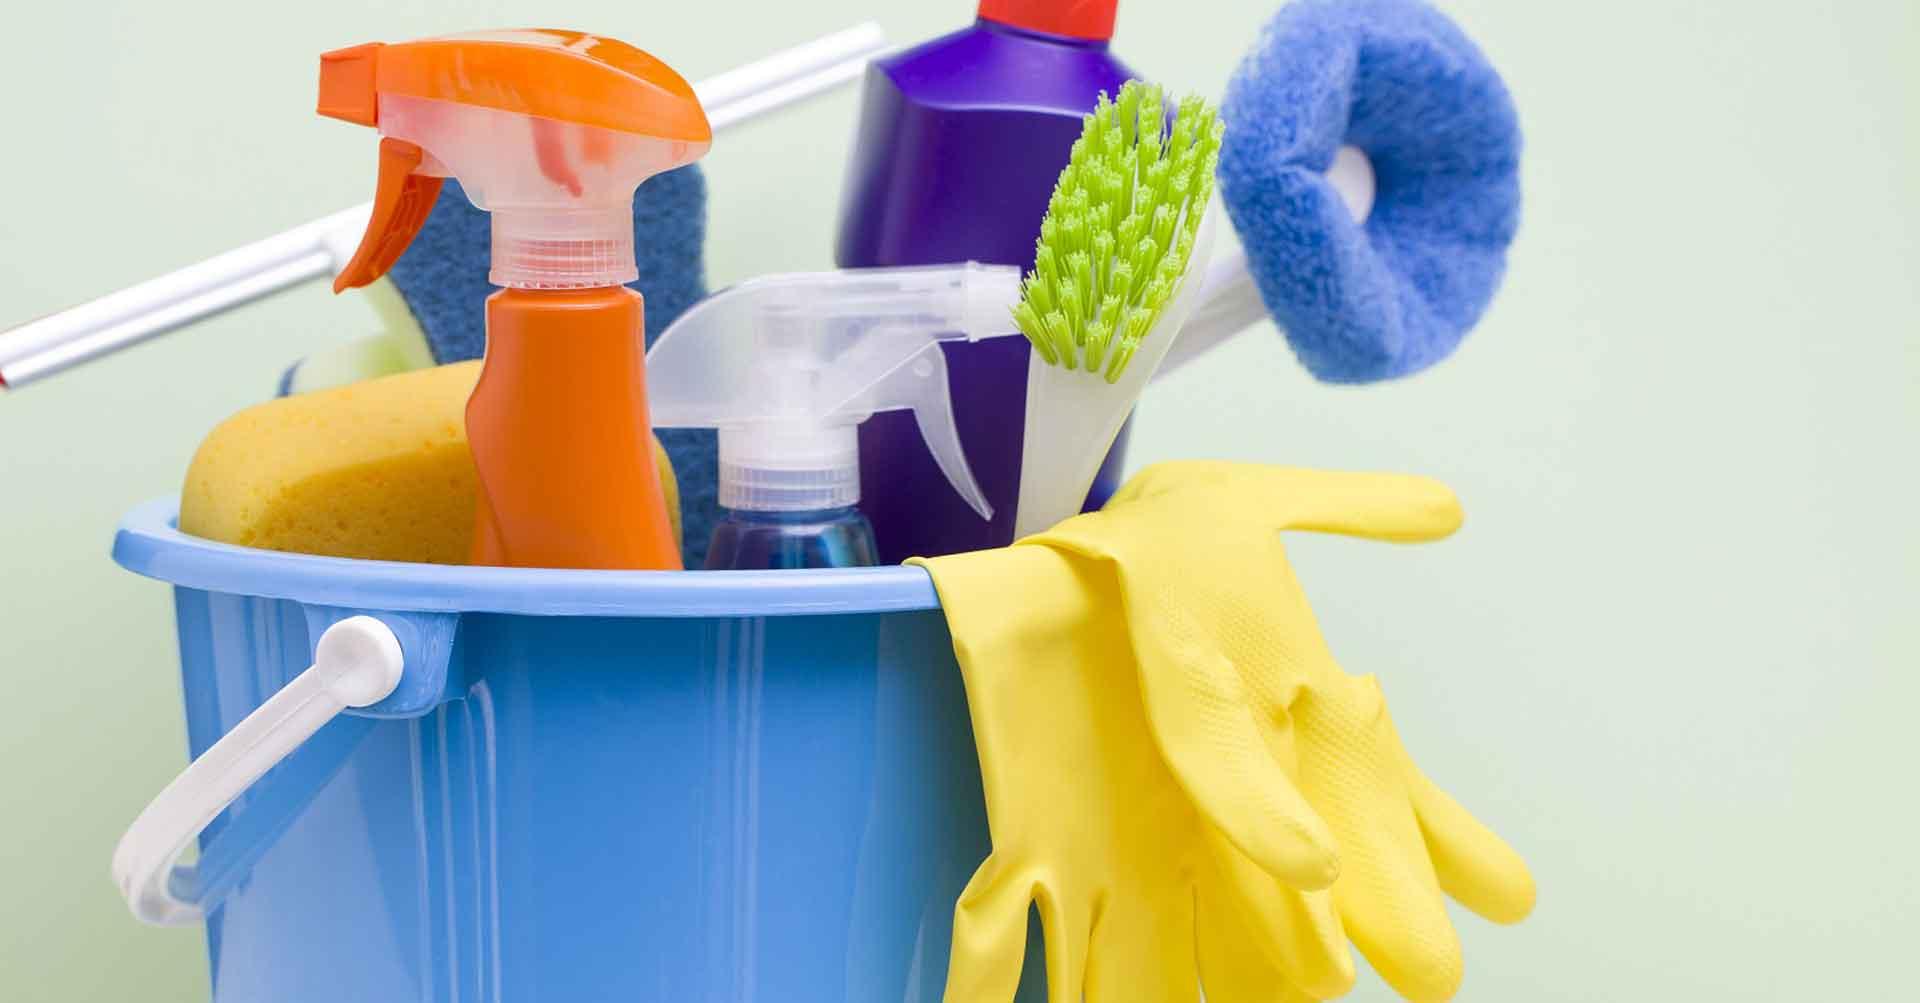 herramientas de los trabajadores del servicio doméstico.